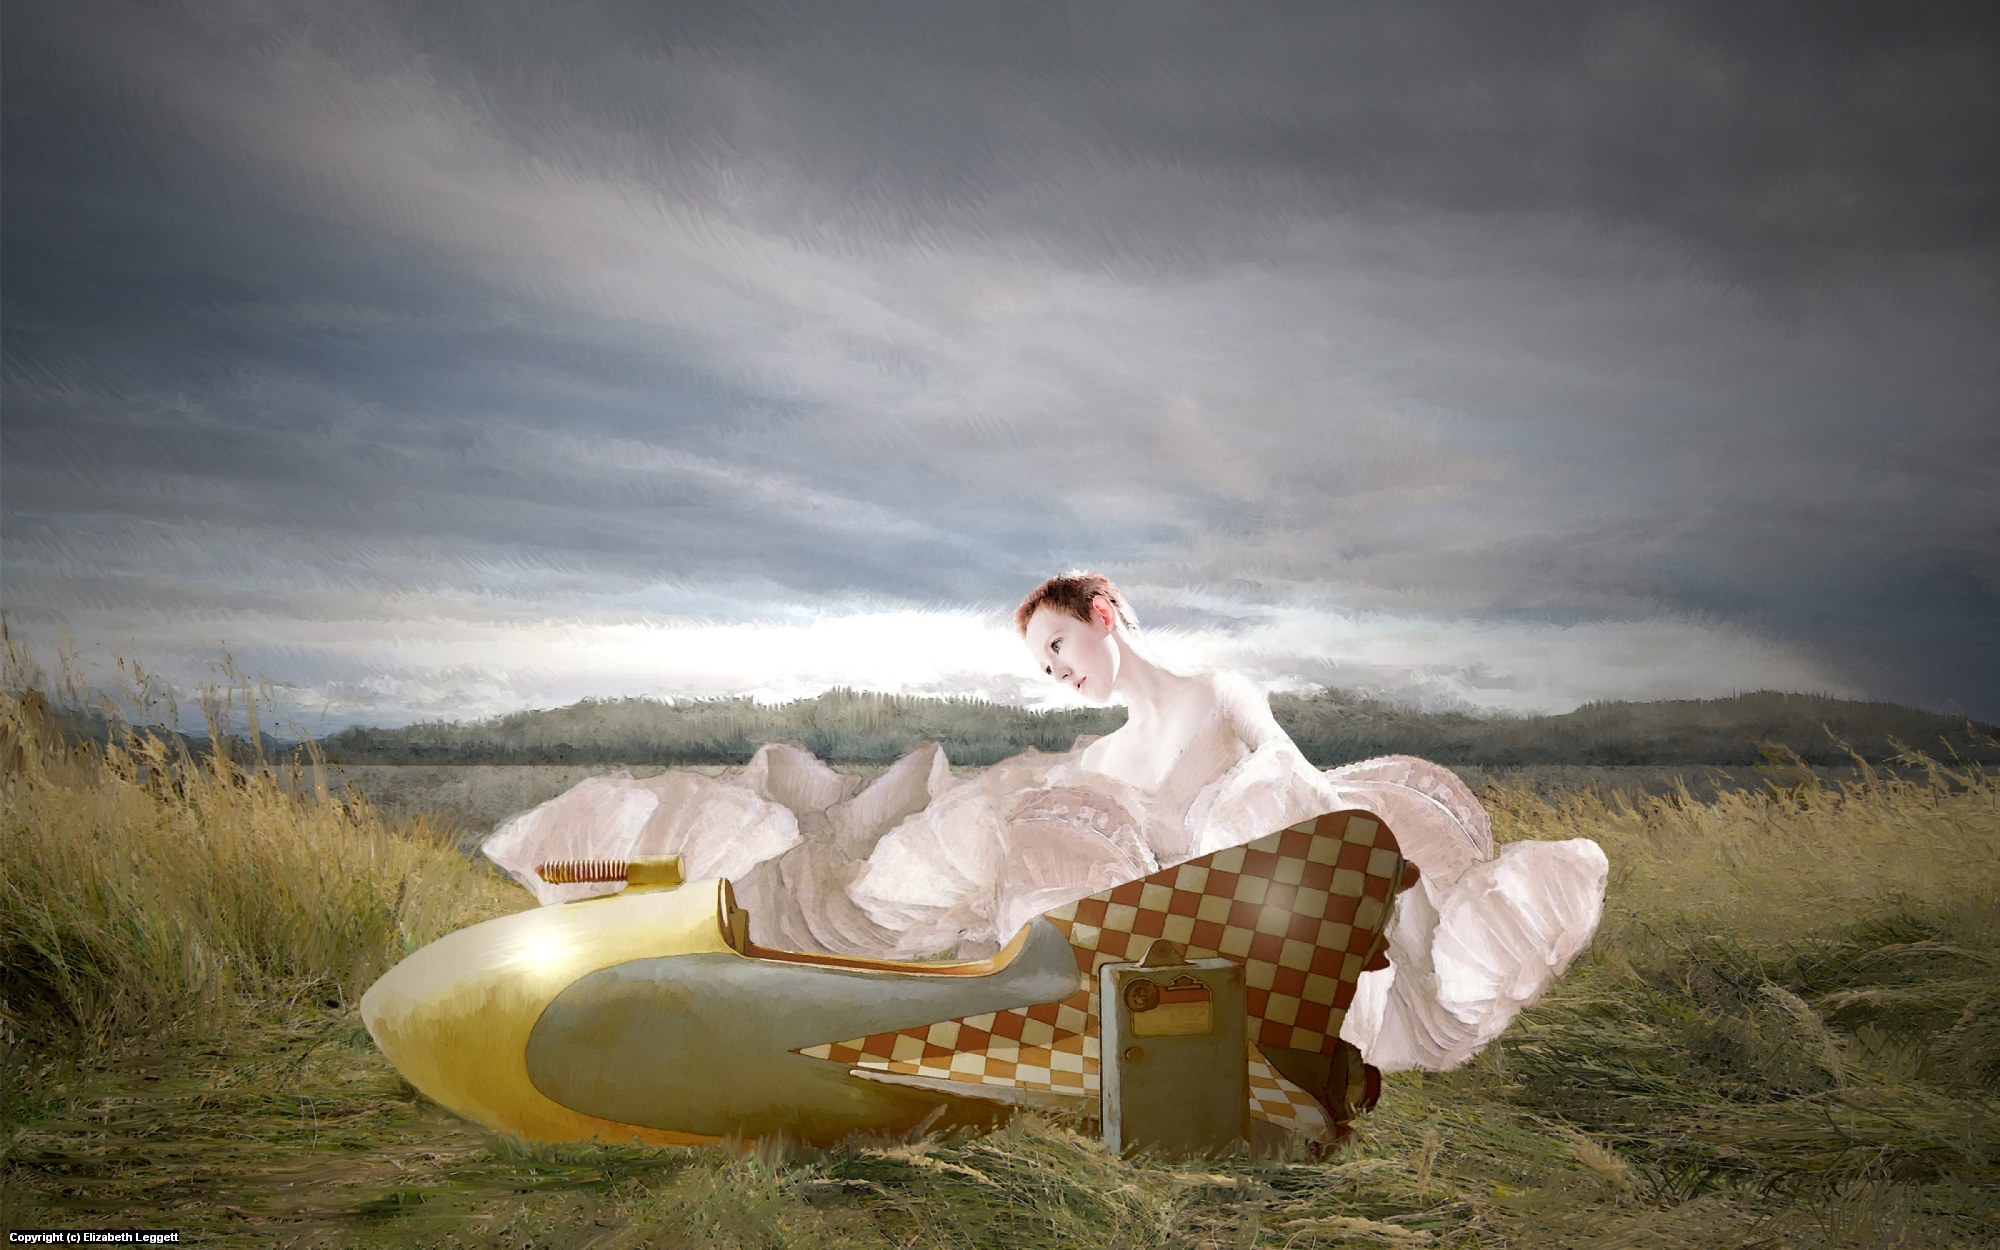 Amelia Forgot Her Wings  Artwork by Elizabeth Leggett